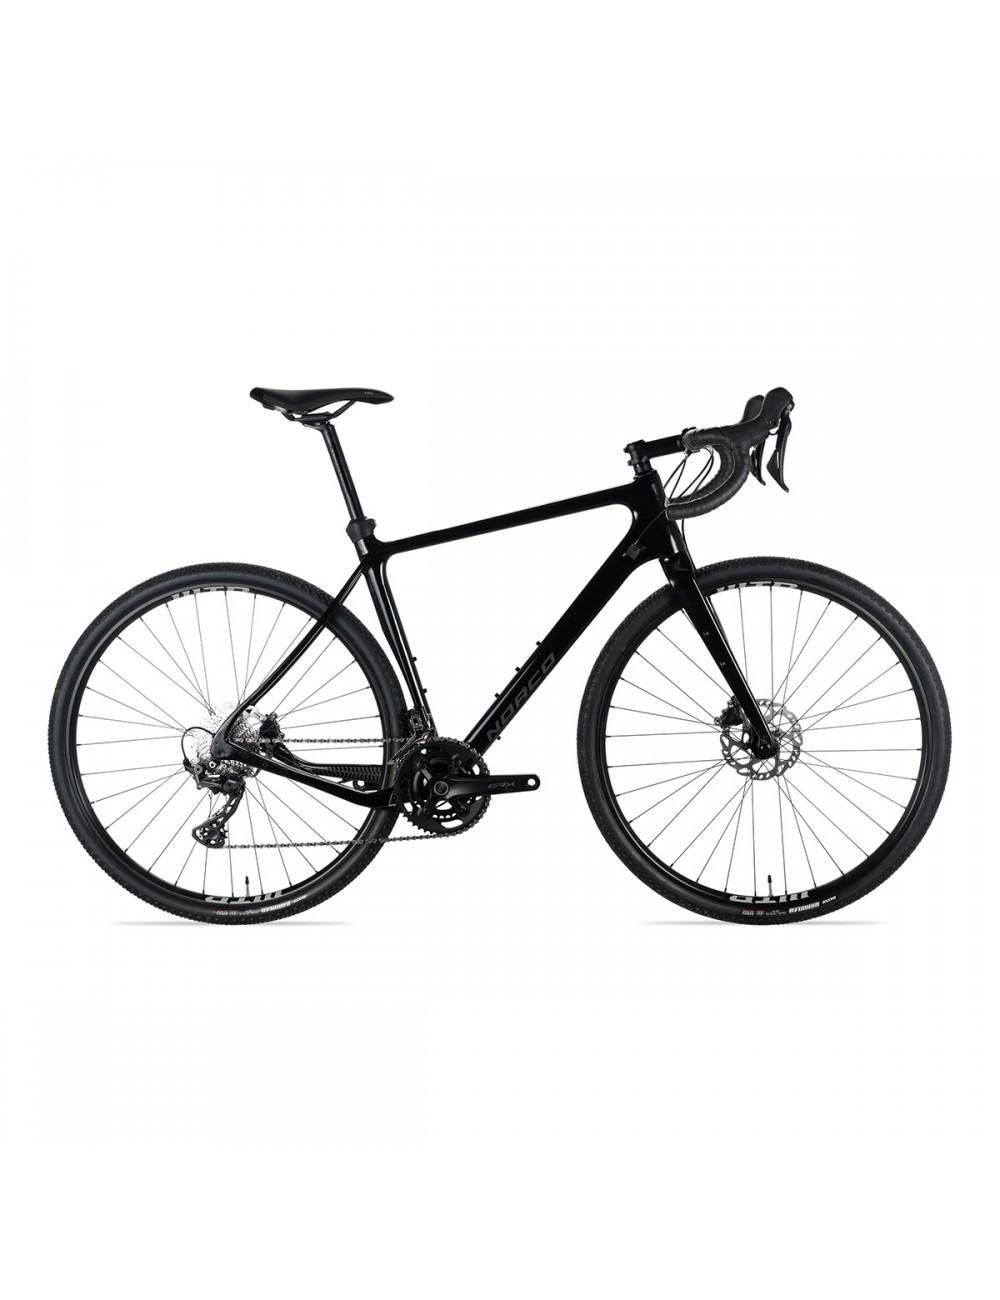 Norco Search XR C Bike - Black/Silver_13334